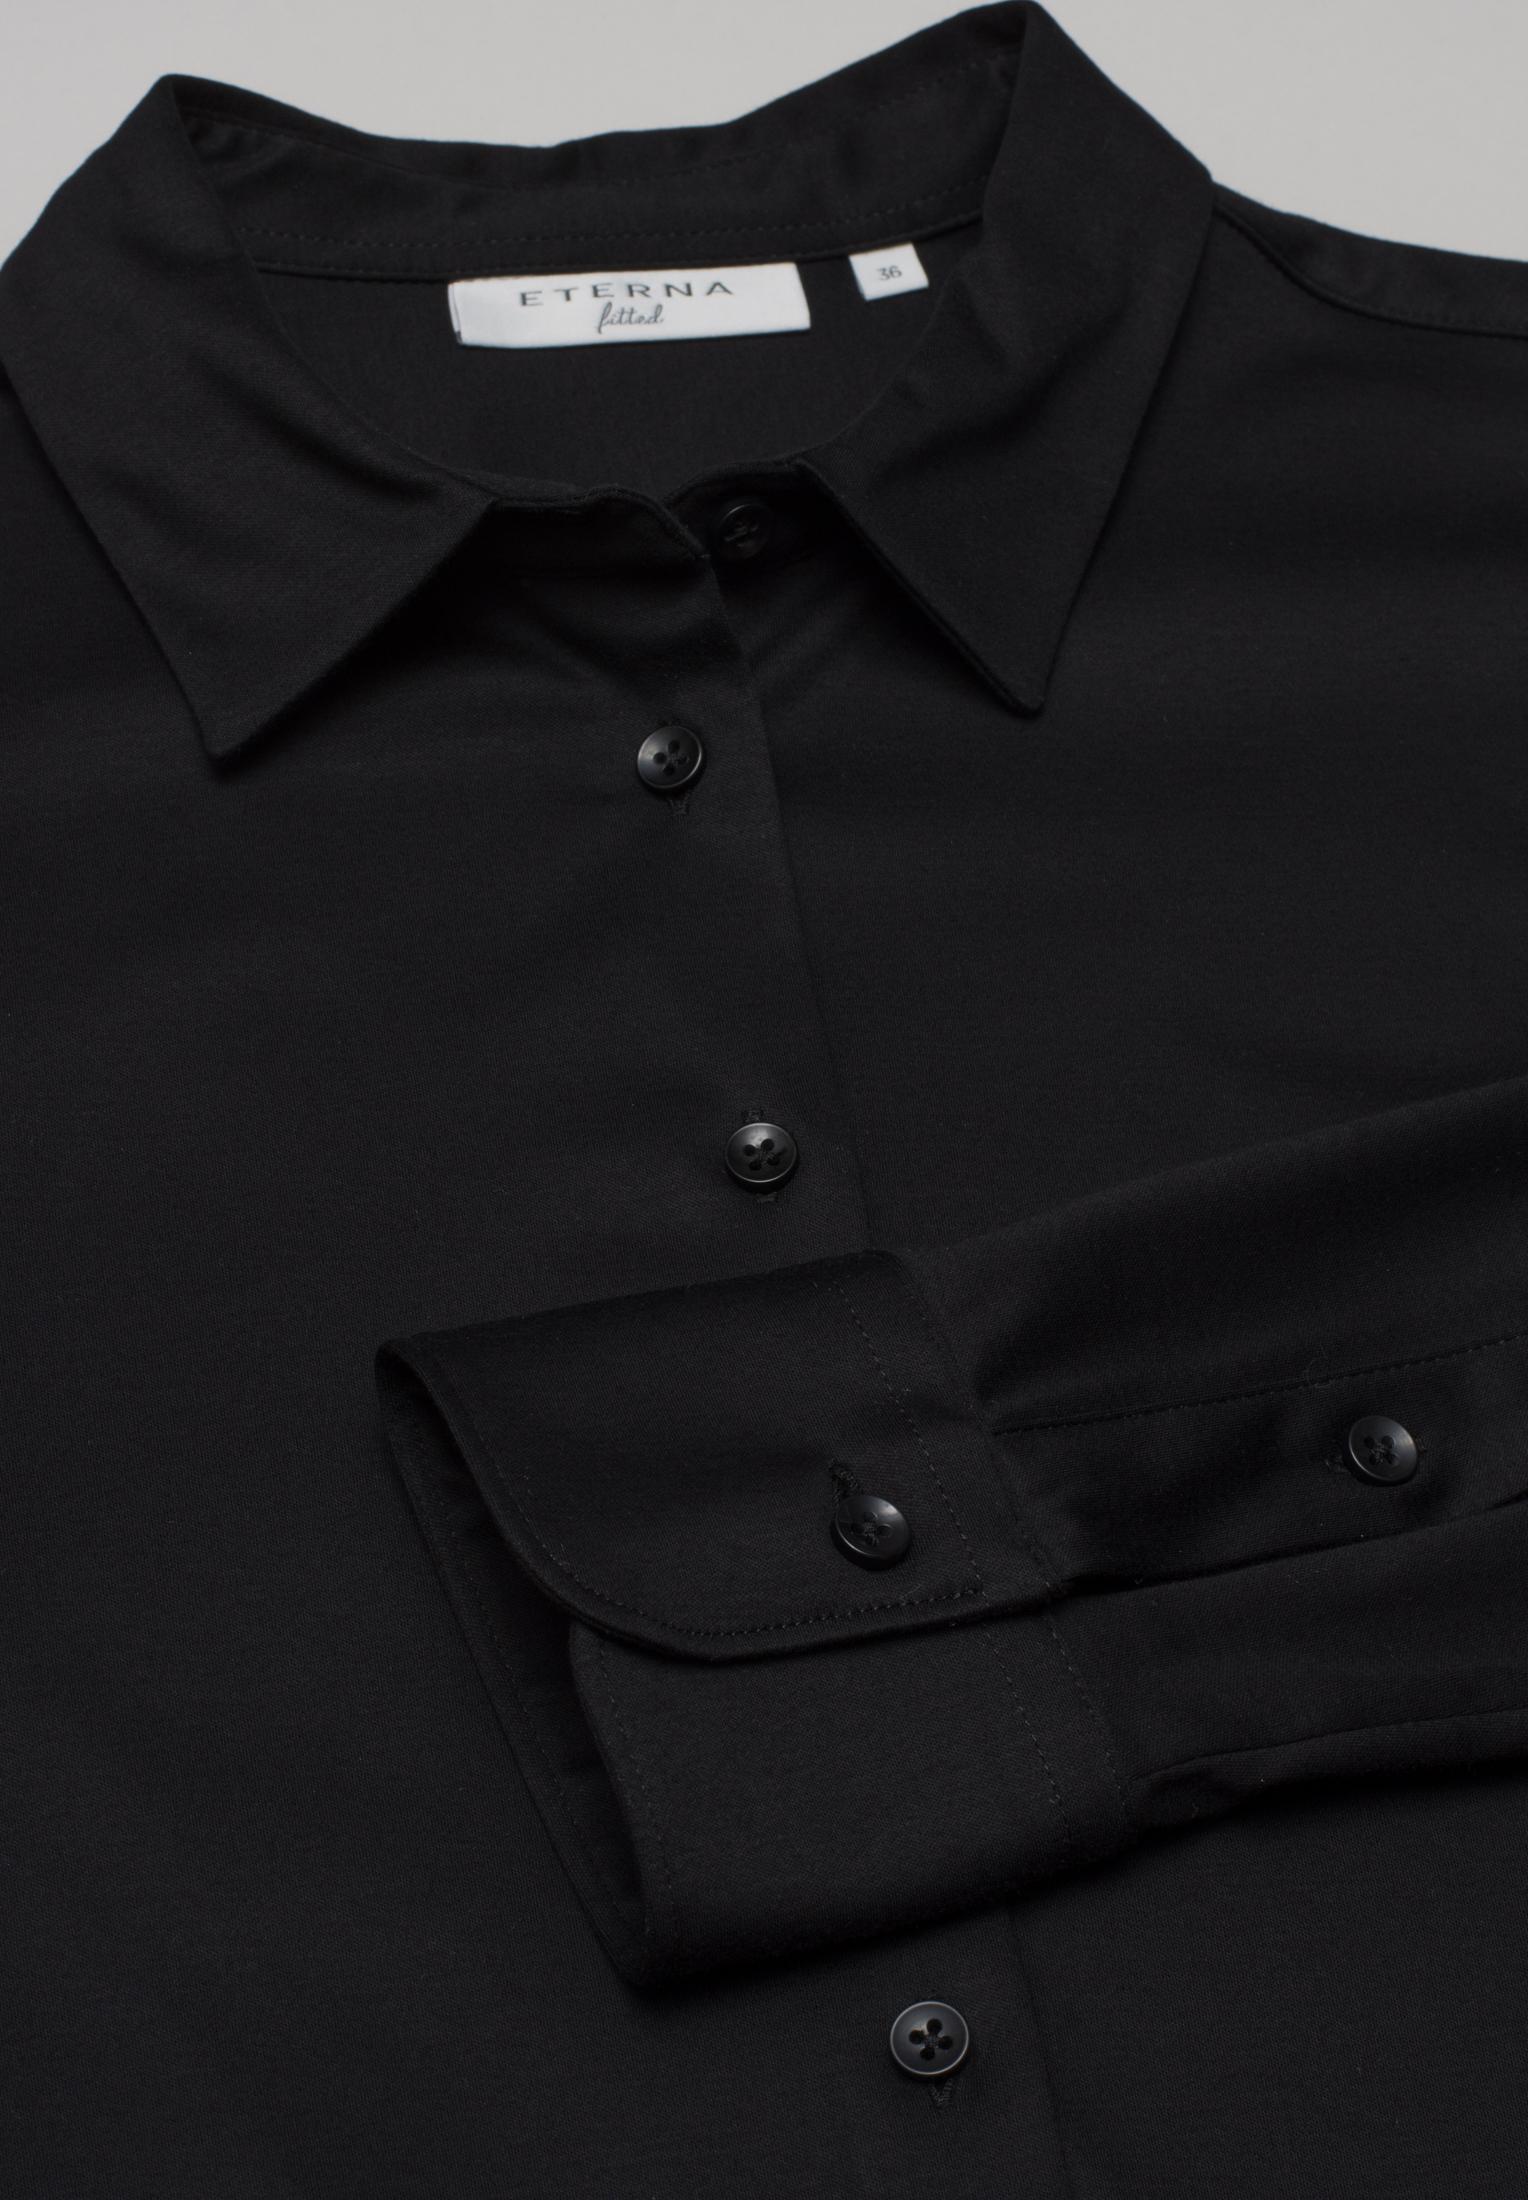 ETERNA 5158 Bluse Baumwolle schwarz